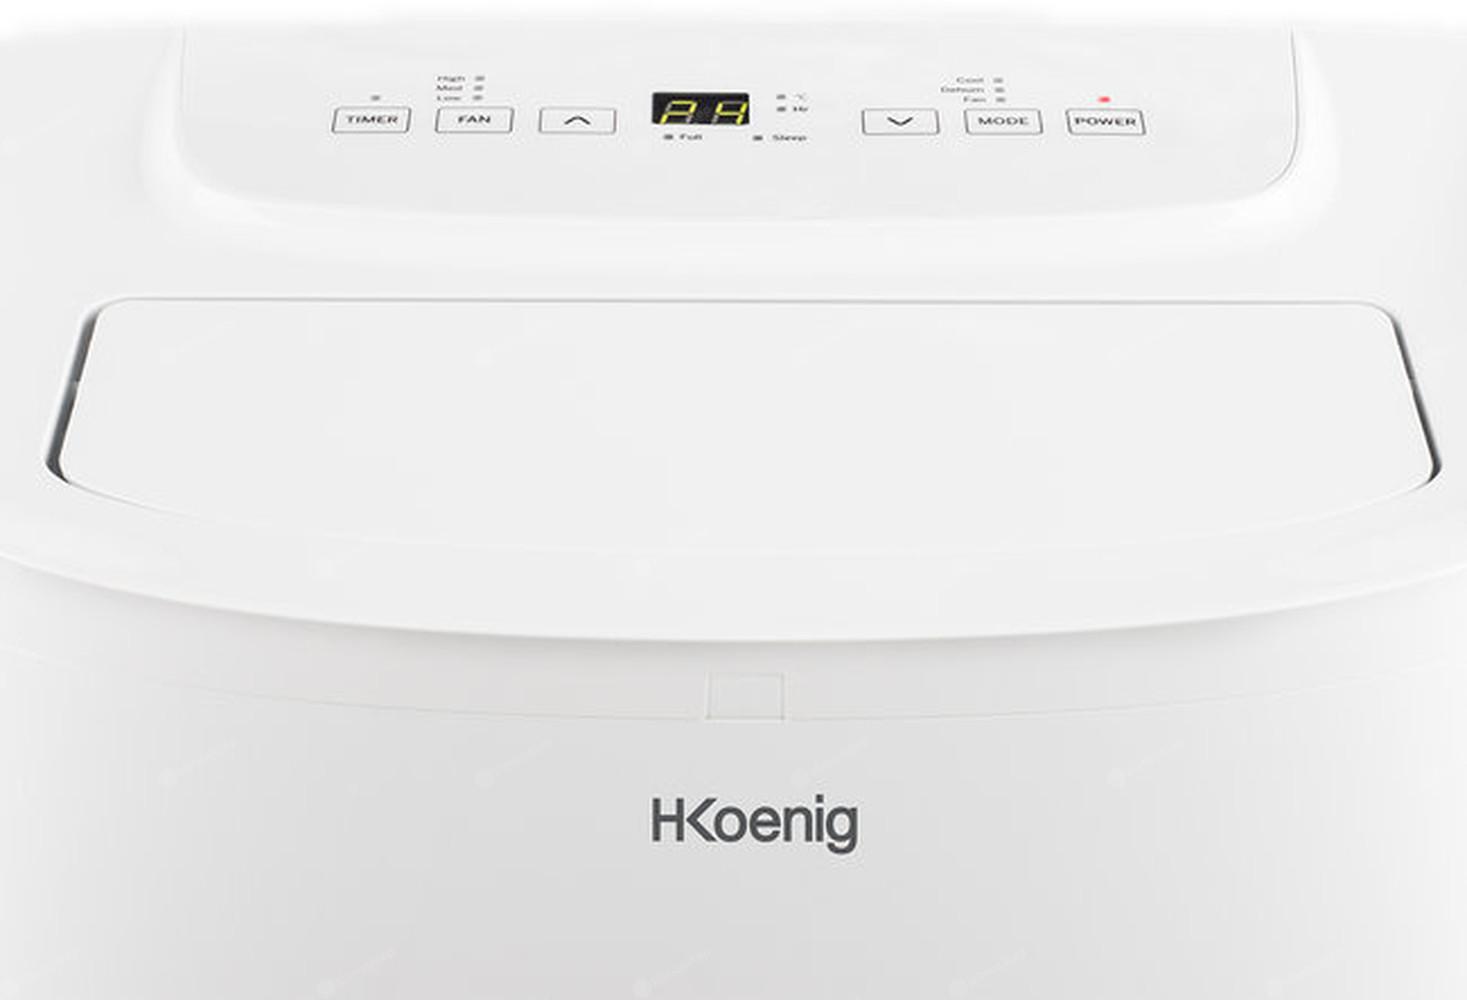 Klimatyzator przenośny H.Koenig-KOL6812 - panel sterowania